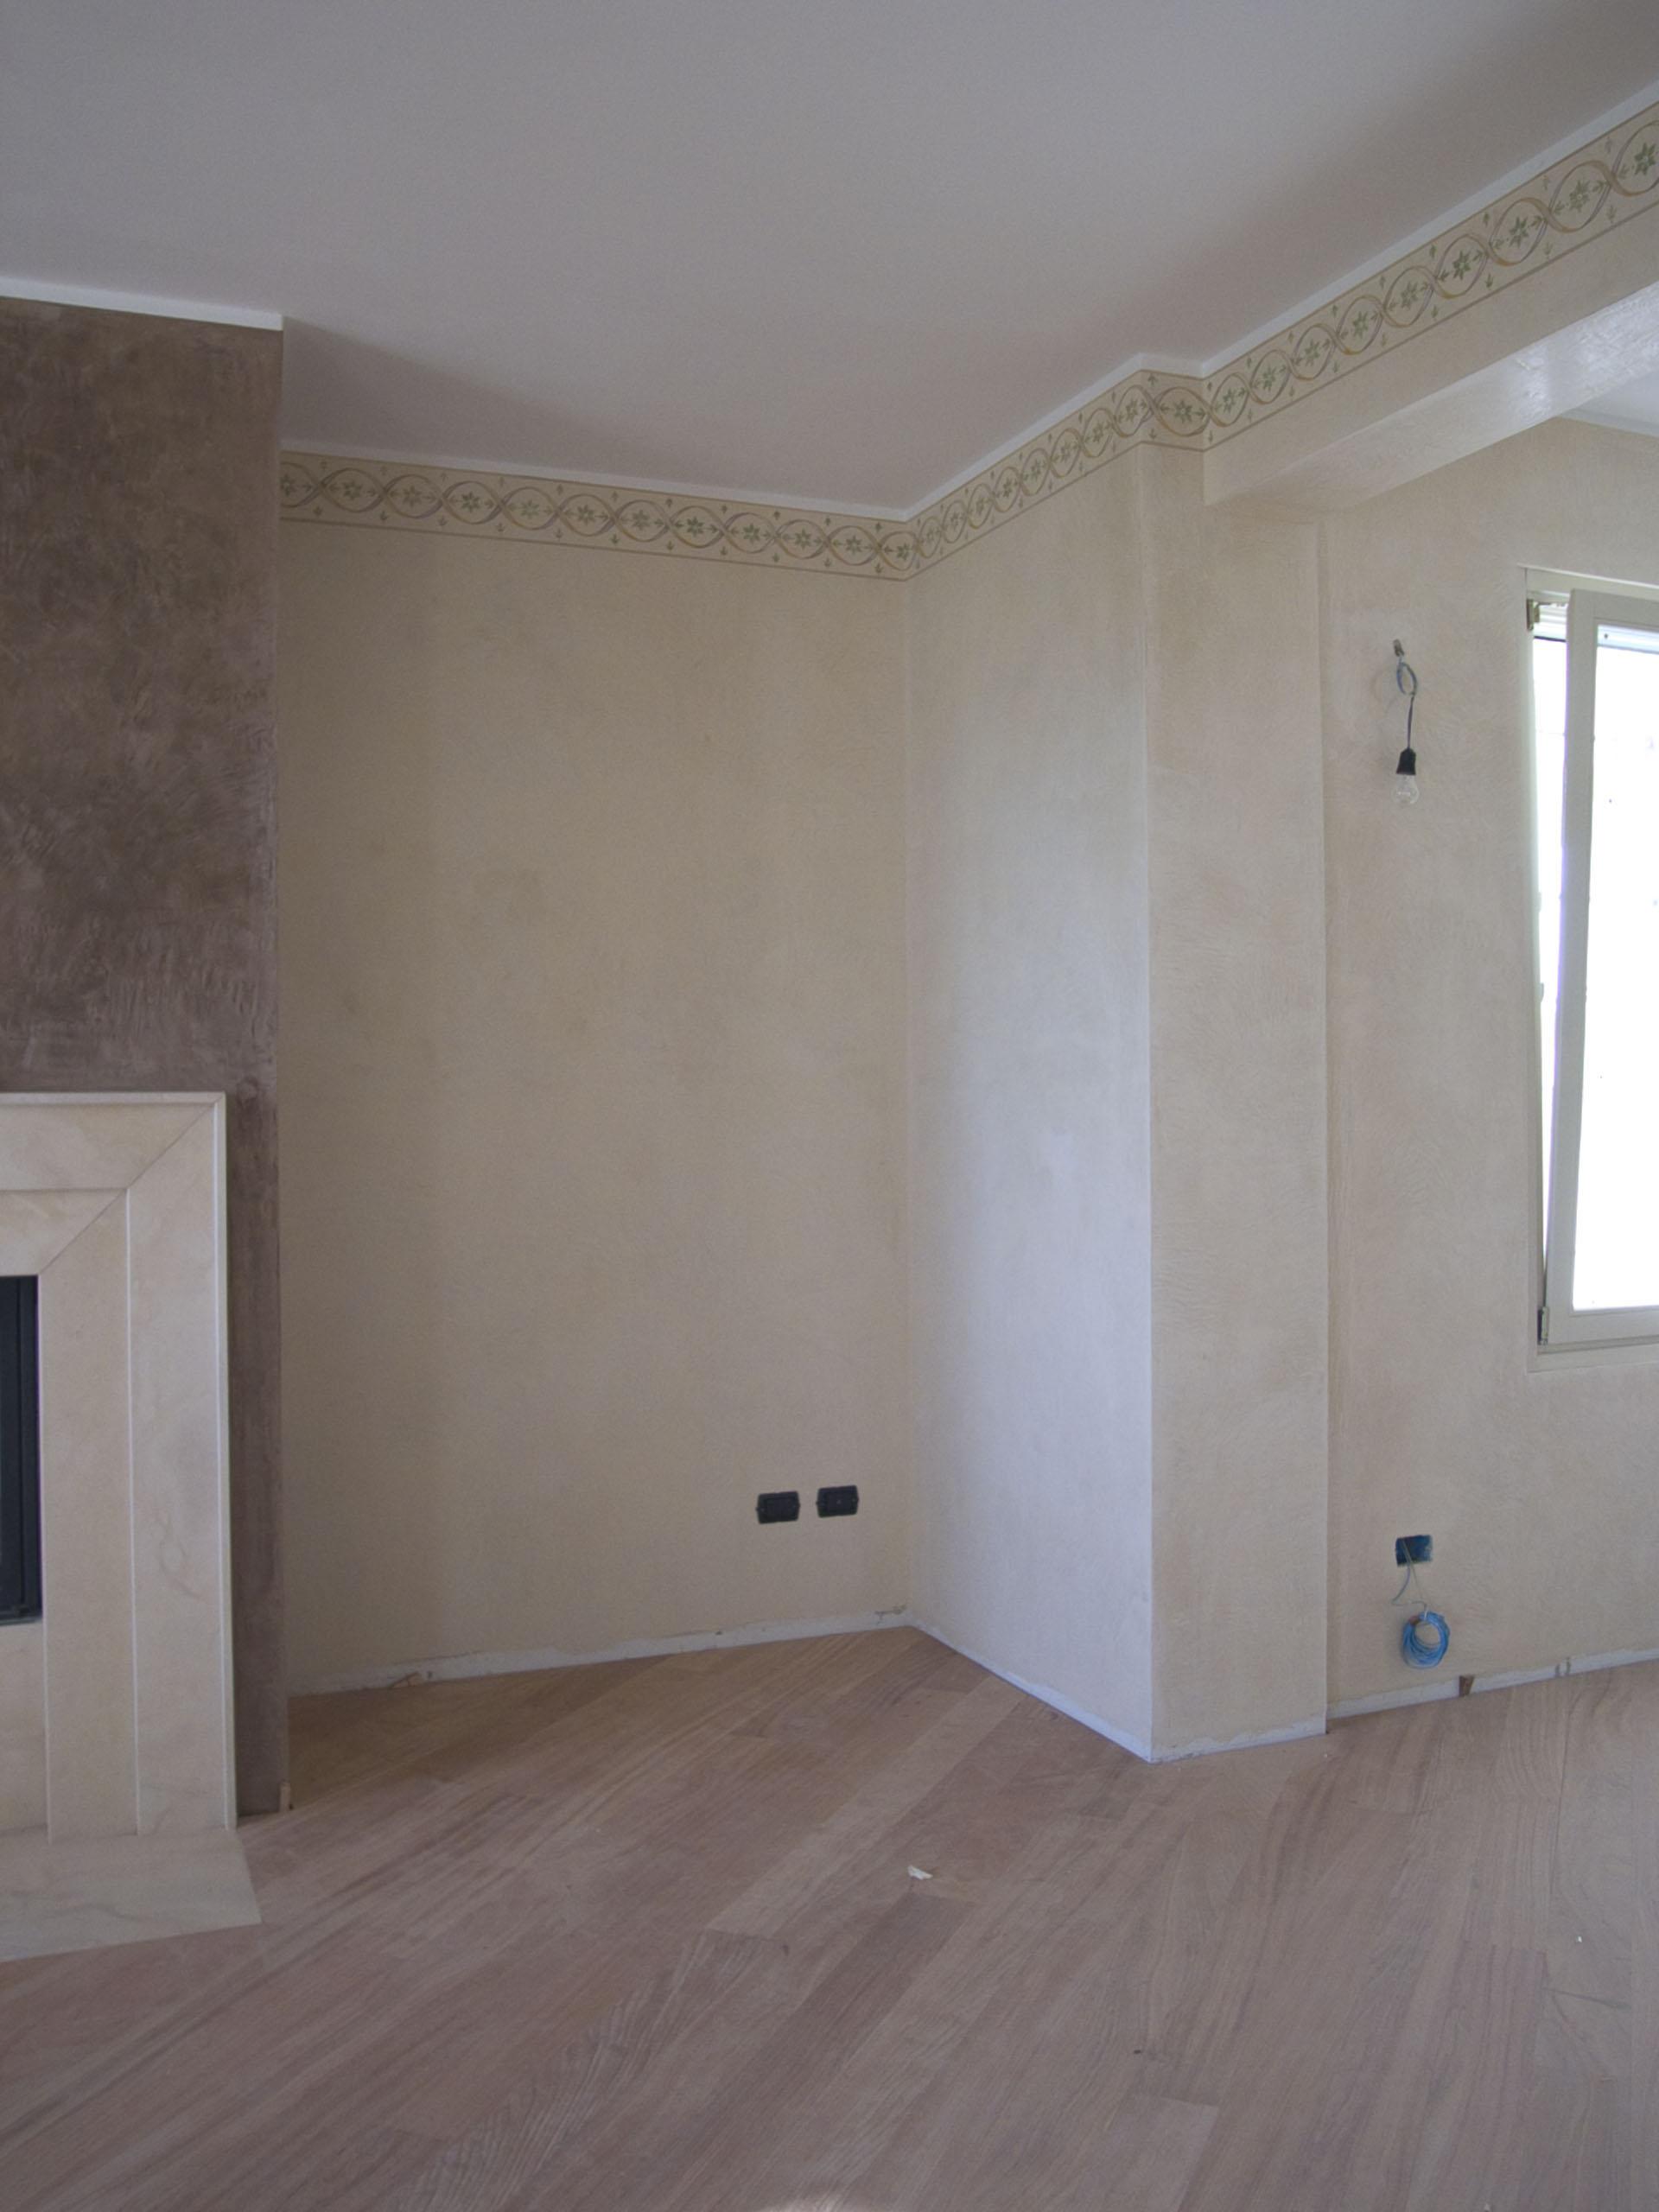 Trattamento delle pareti con calce rasata dino molinari restauratore d arte e decoratore d - Decoratore d interni ...